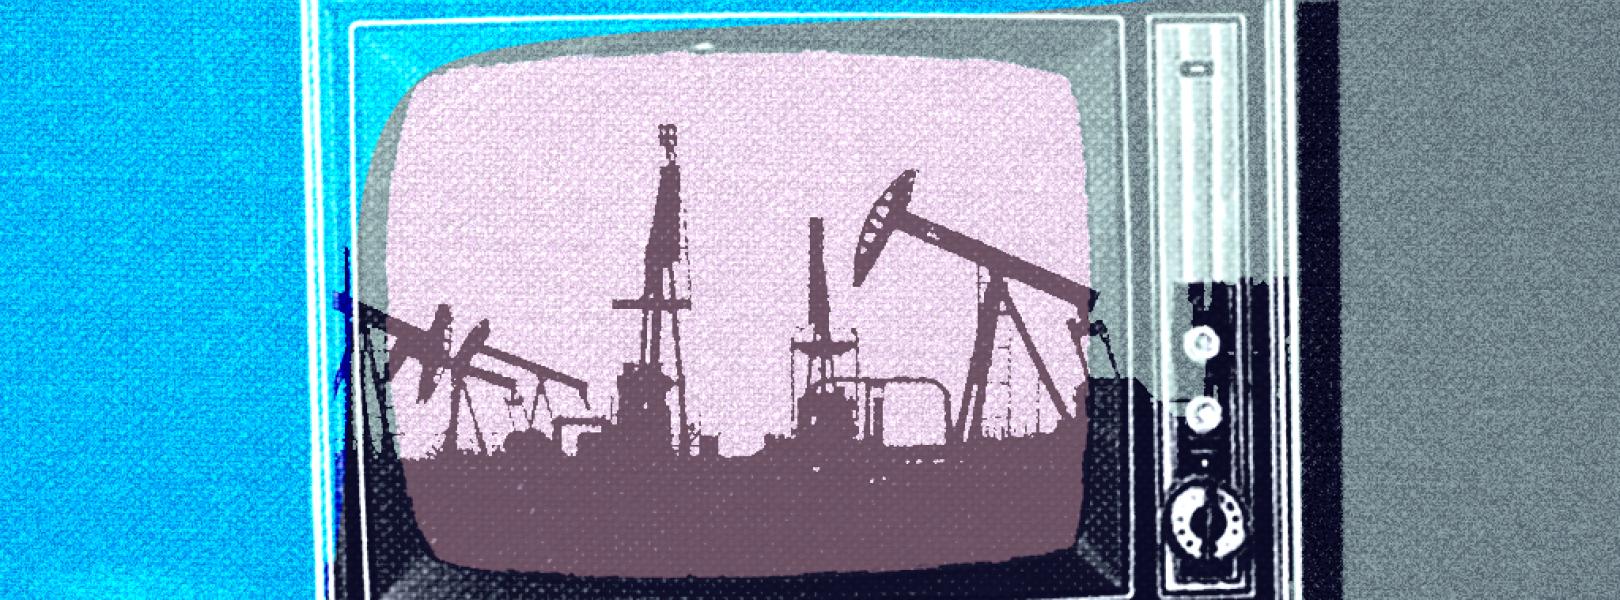 TV-Big-Oil-May-26